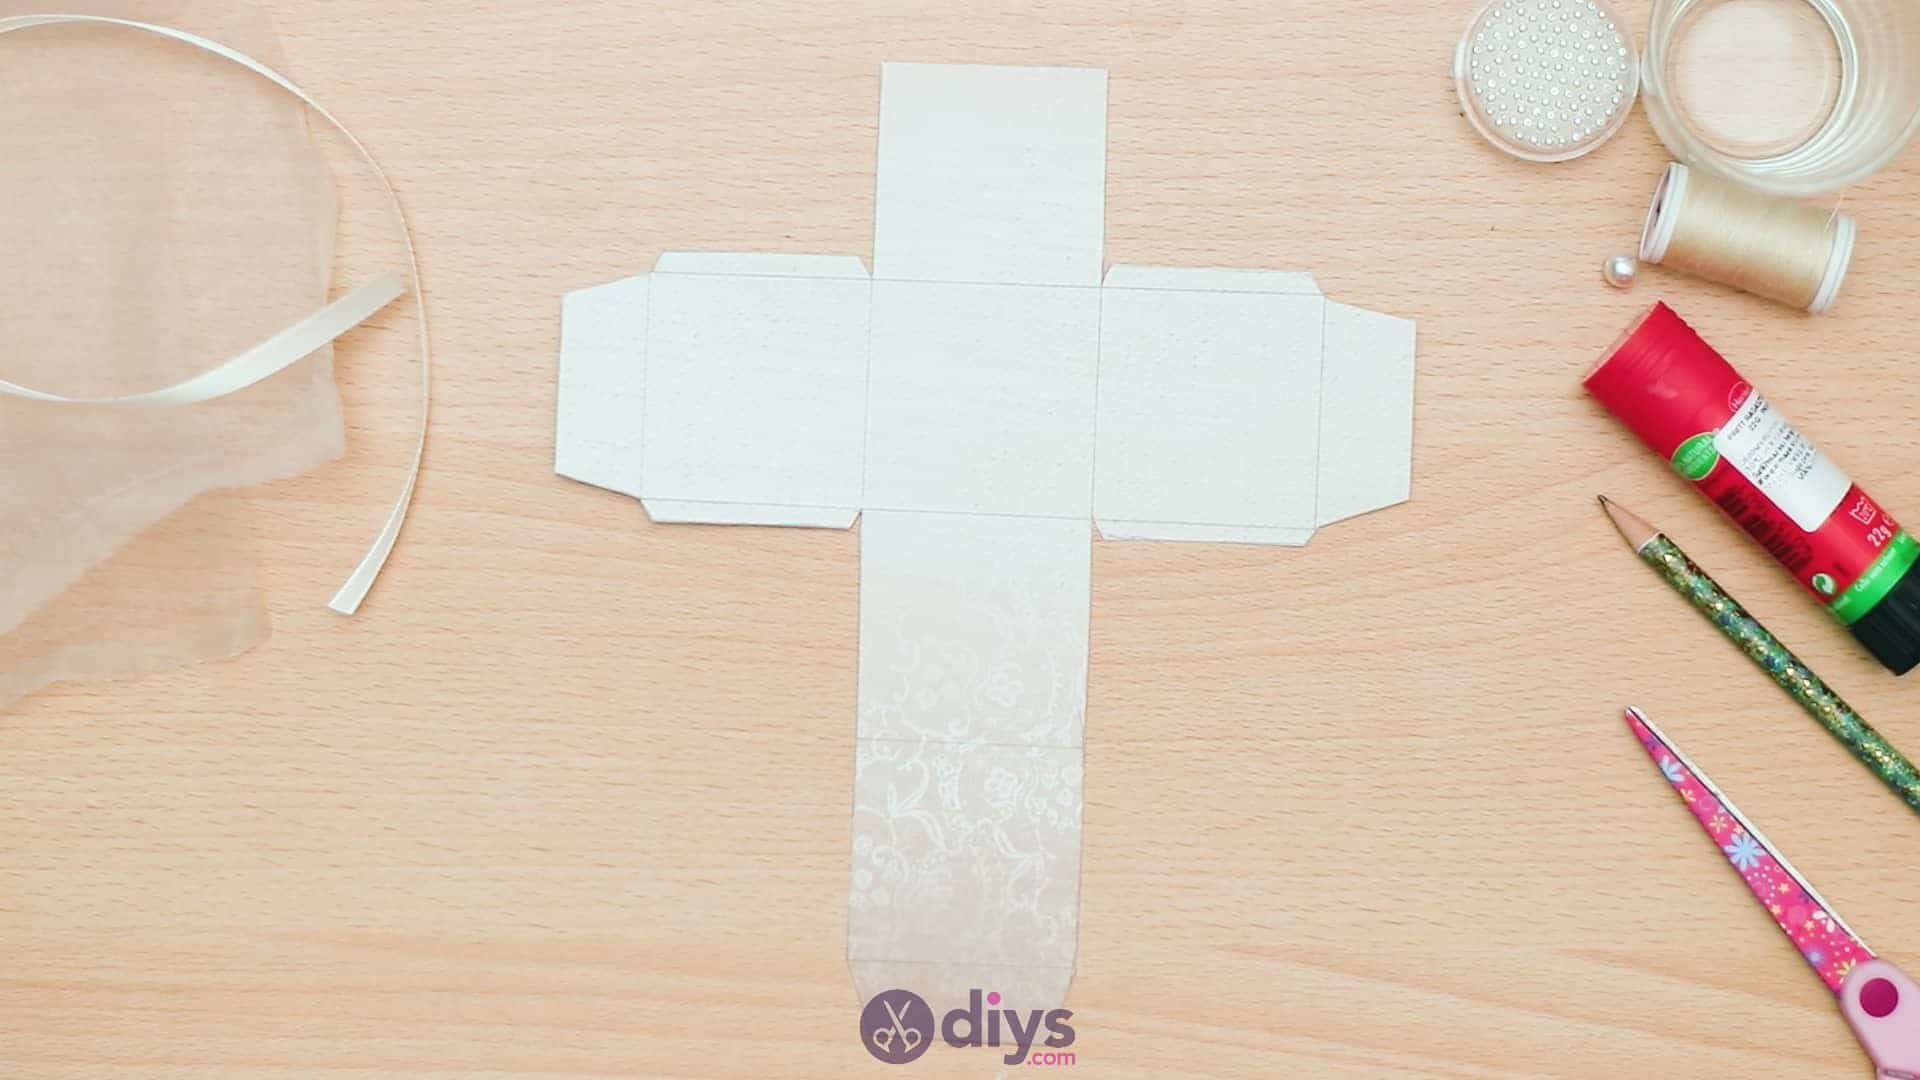 Diy mini wedding gift box step 4c